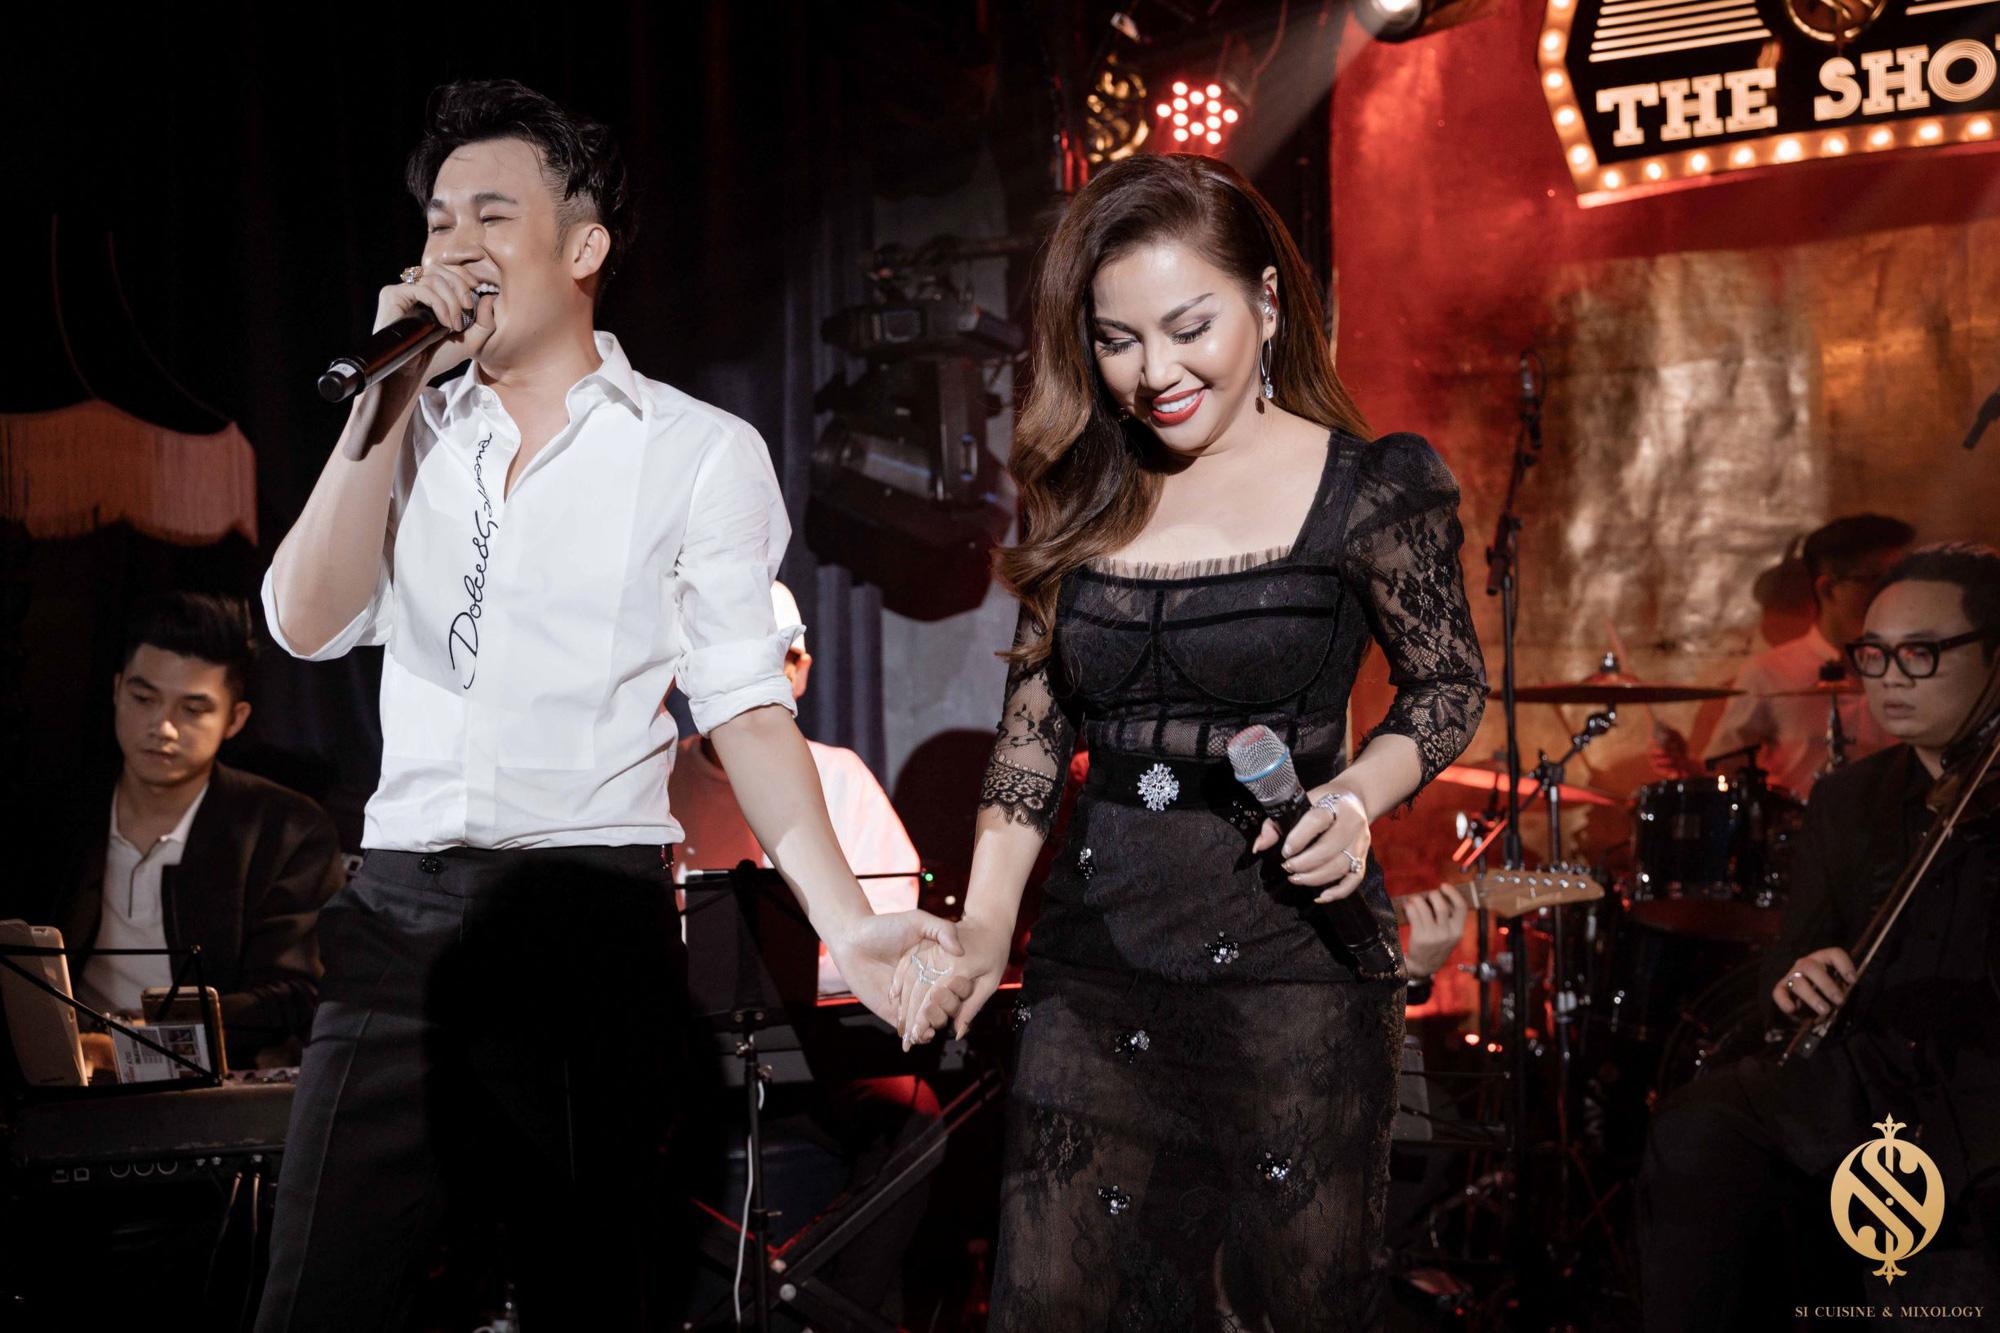 Minh Tuyết - Dương Triệu Vũ mang không khí trữ tình đến với người yêu nhạc Hà Nội - Ảnh 3.